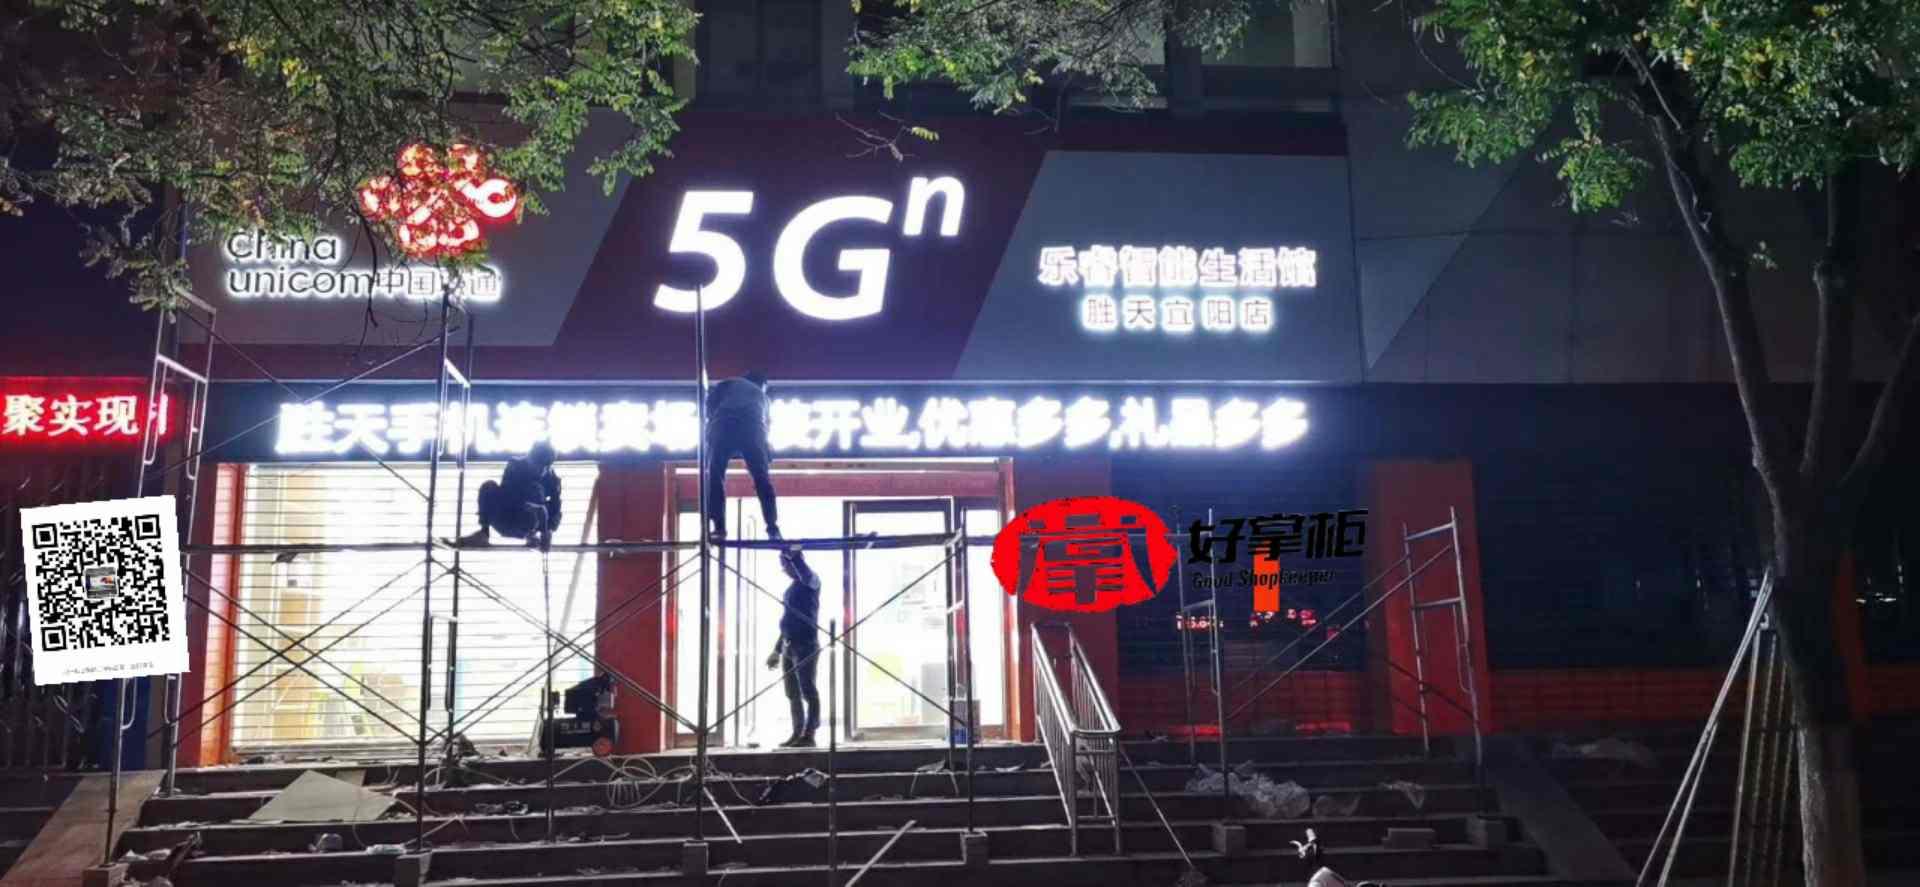 手机店门店楣发光字 背景形象发光字 设计制作效果图参考